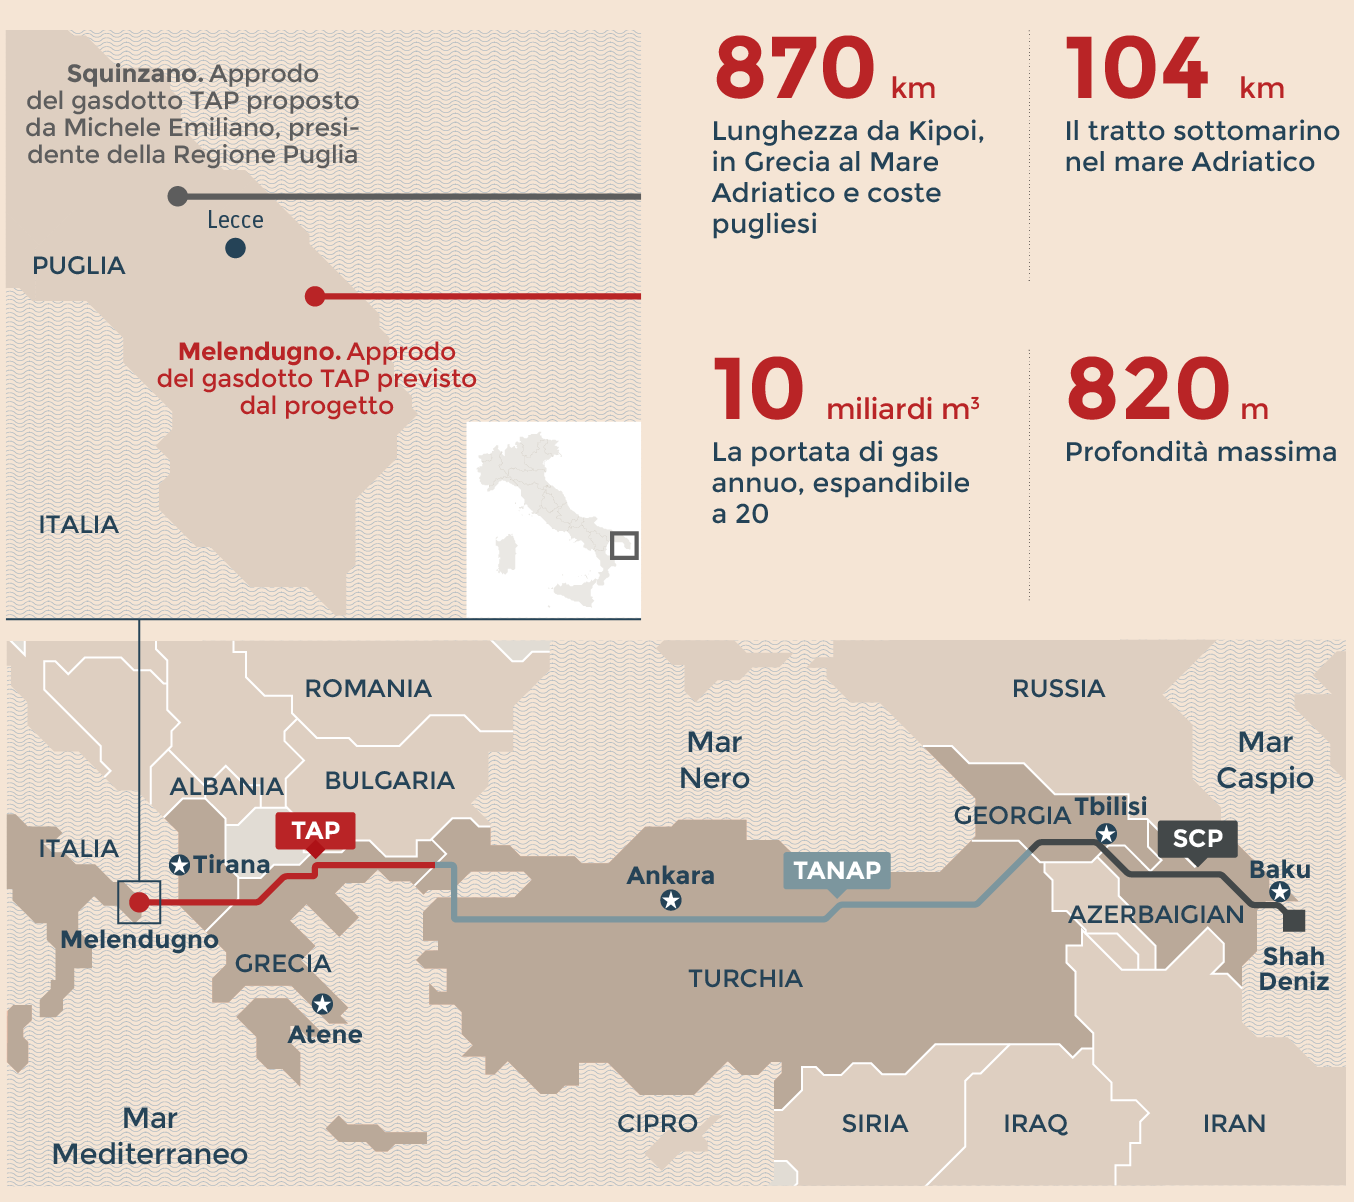 Gasdotto Tap, Tar respinge ricorso Puglia: via libera a espianto ulivi